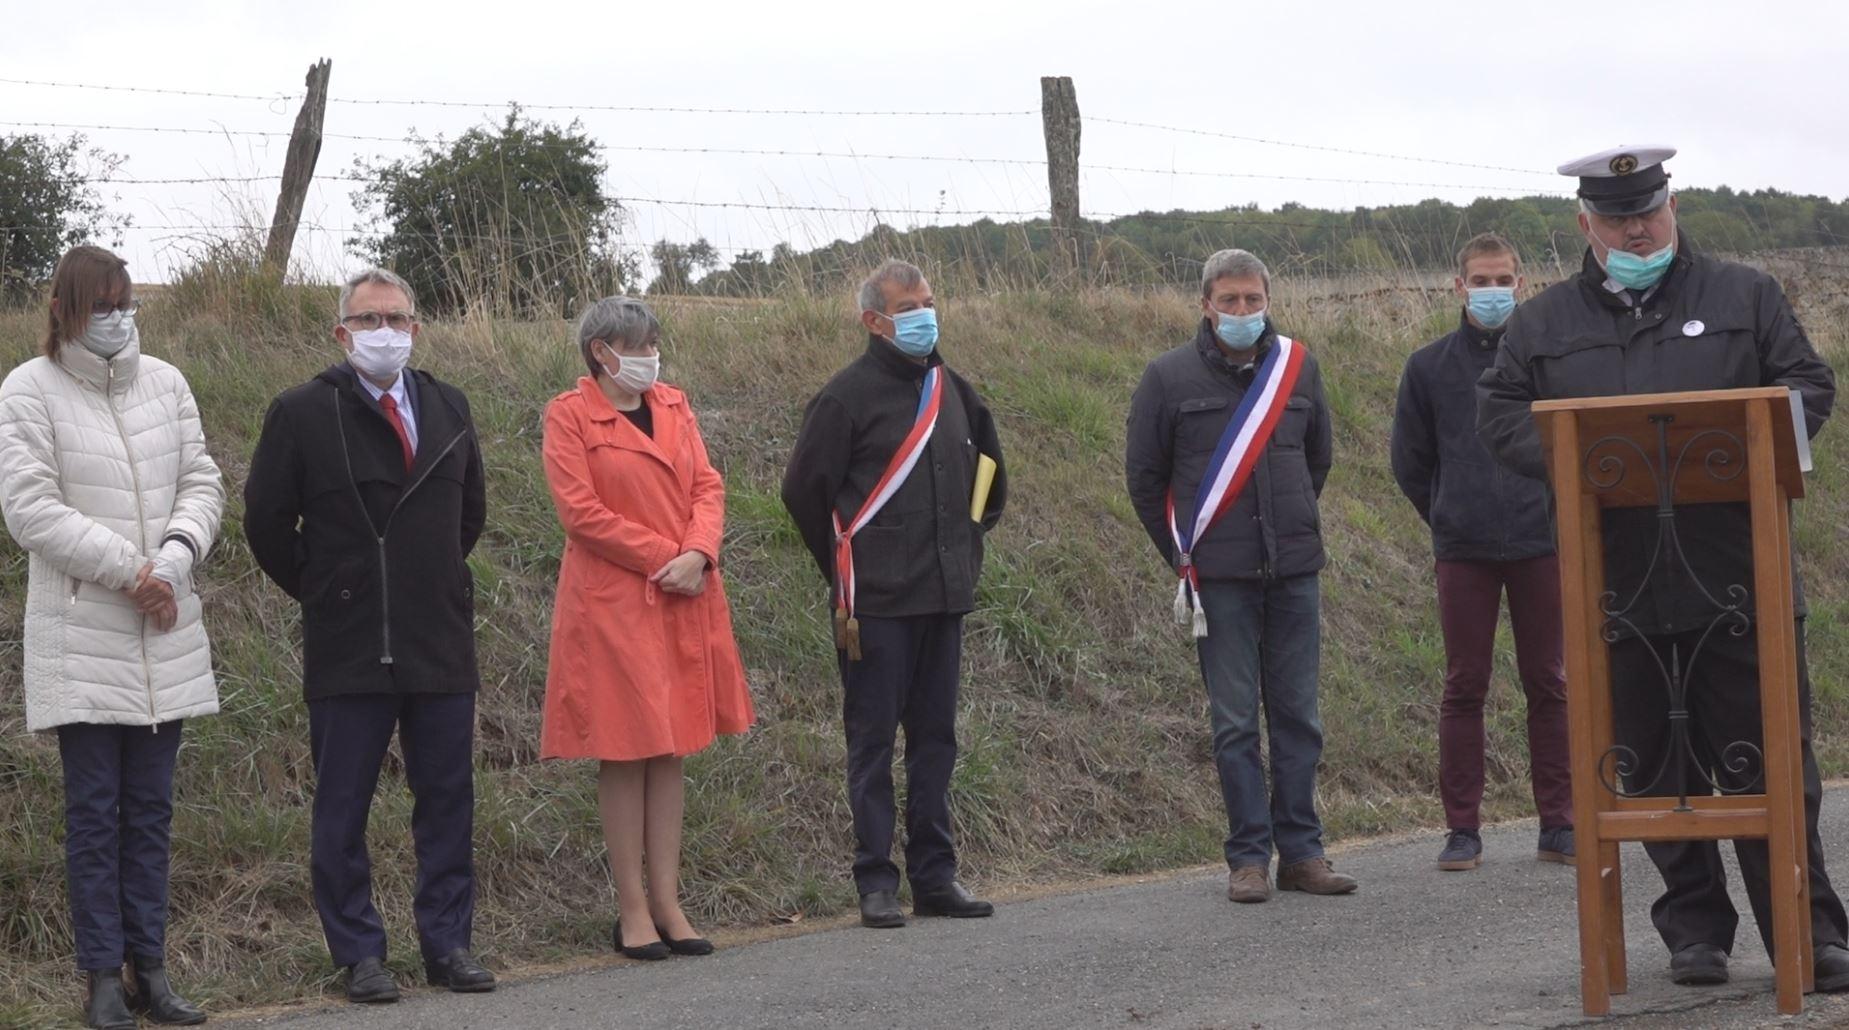 De gauche à droite : Anne Maricot, Dominique Moyse, Mireille Chevet, Bruno Lahouati, Jean-Yves Roulot, Louison Tanet et Christophe Delannoy.